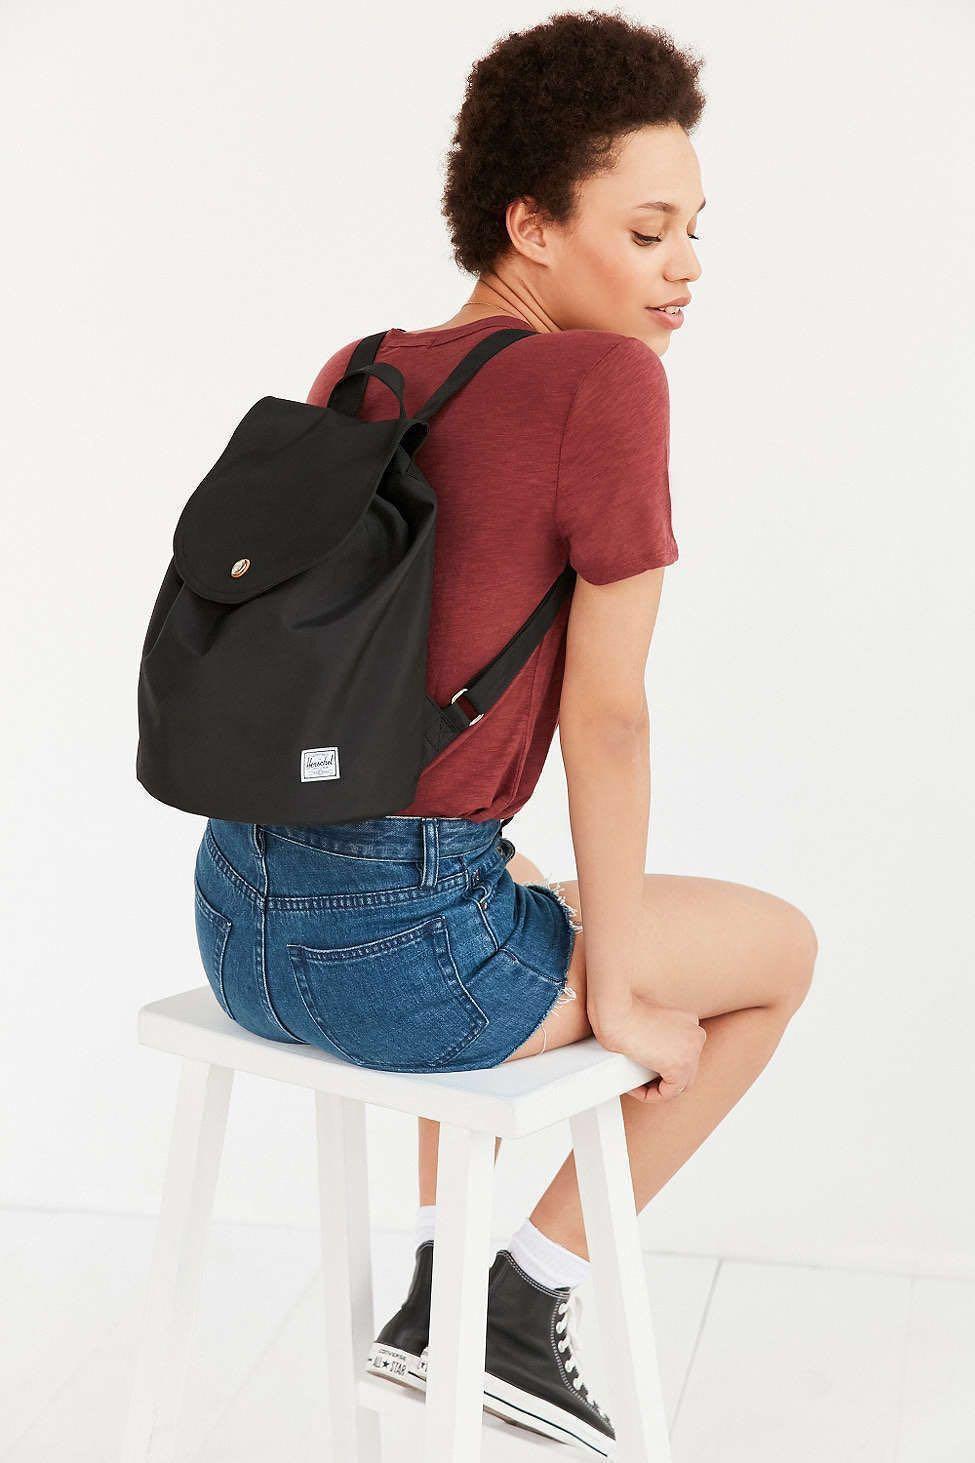 216ea199011 Home · Women s Fashion · Bags   Wallets · Backpacks. photo photo ...